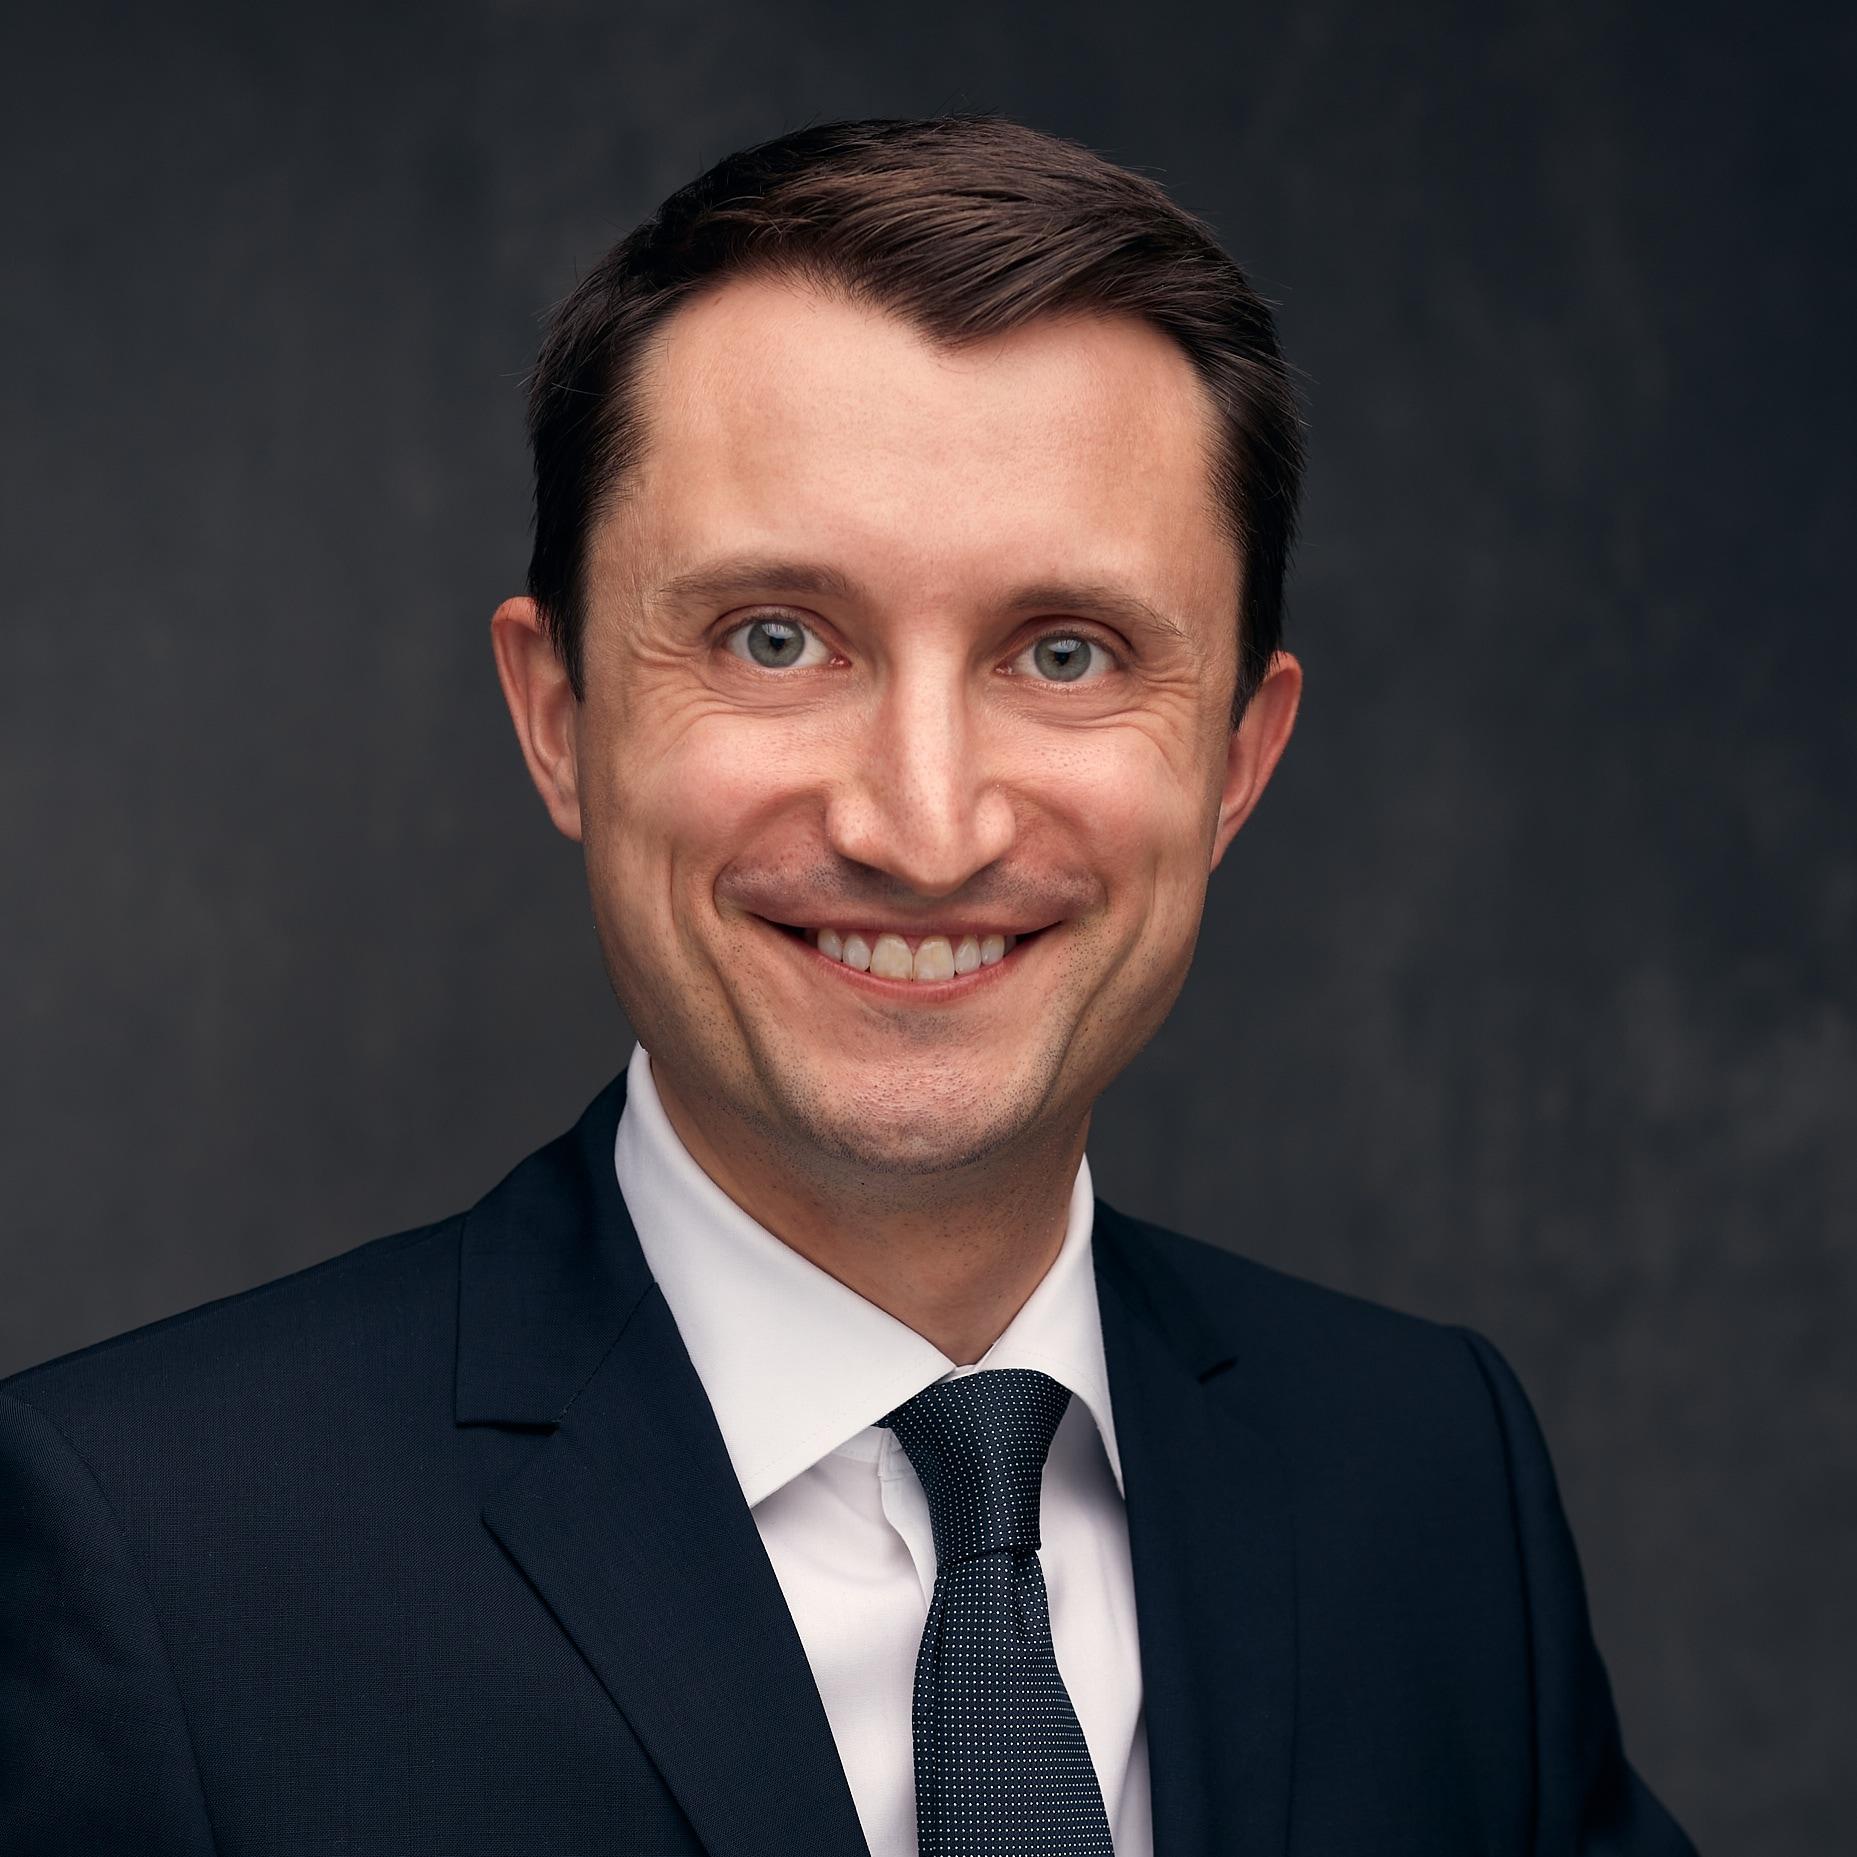 Dr. Daniel D Bohl MD